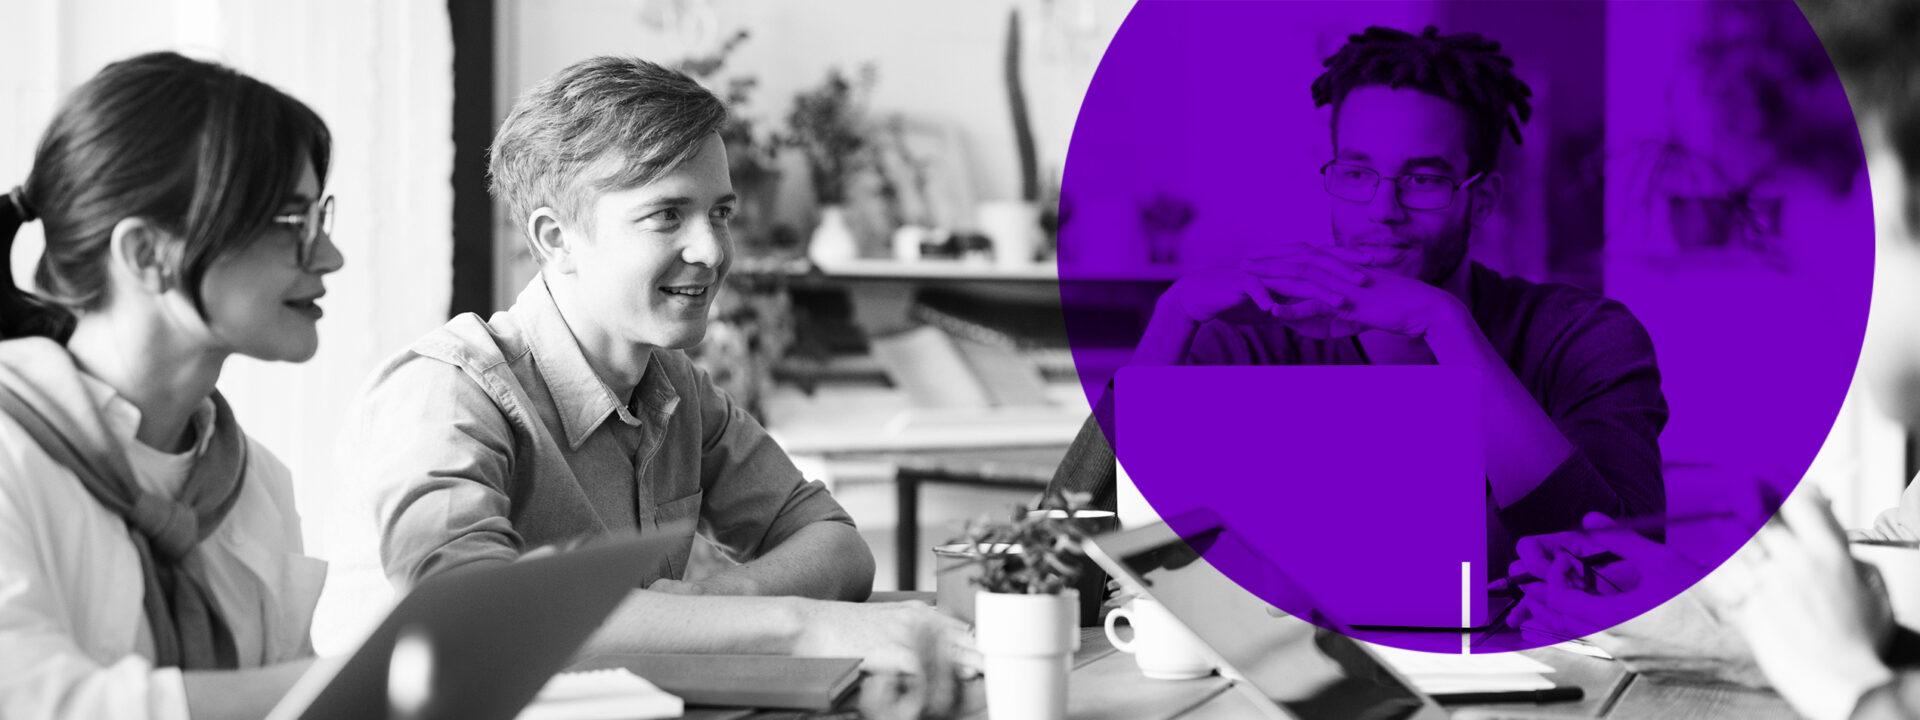 Webinar für Unternehmen, Führungskräfte und Teams - Konflikte erkennen, Kommunikation Fördern